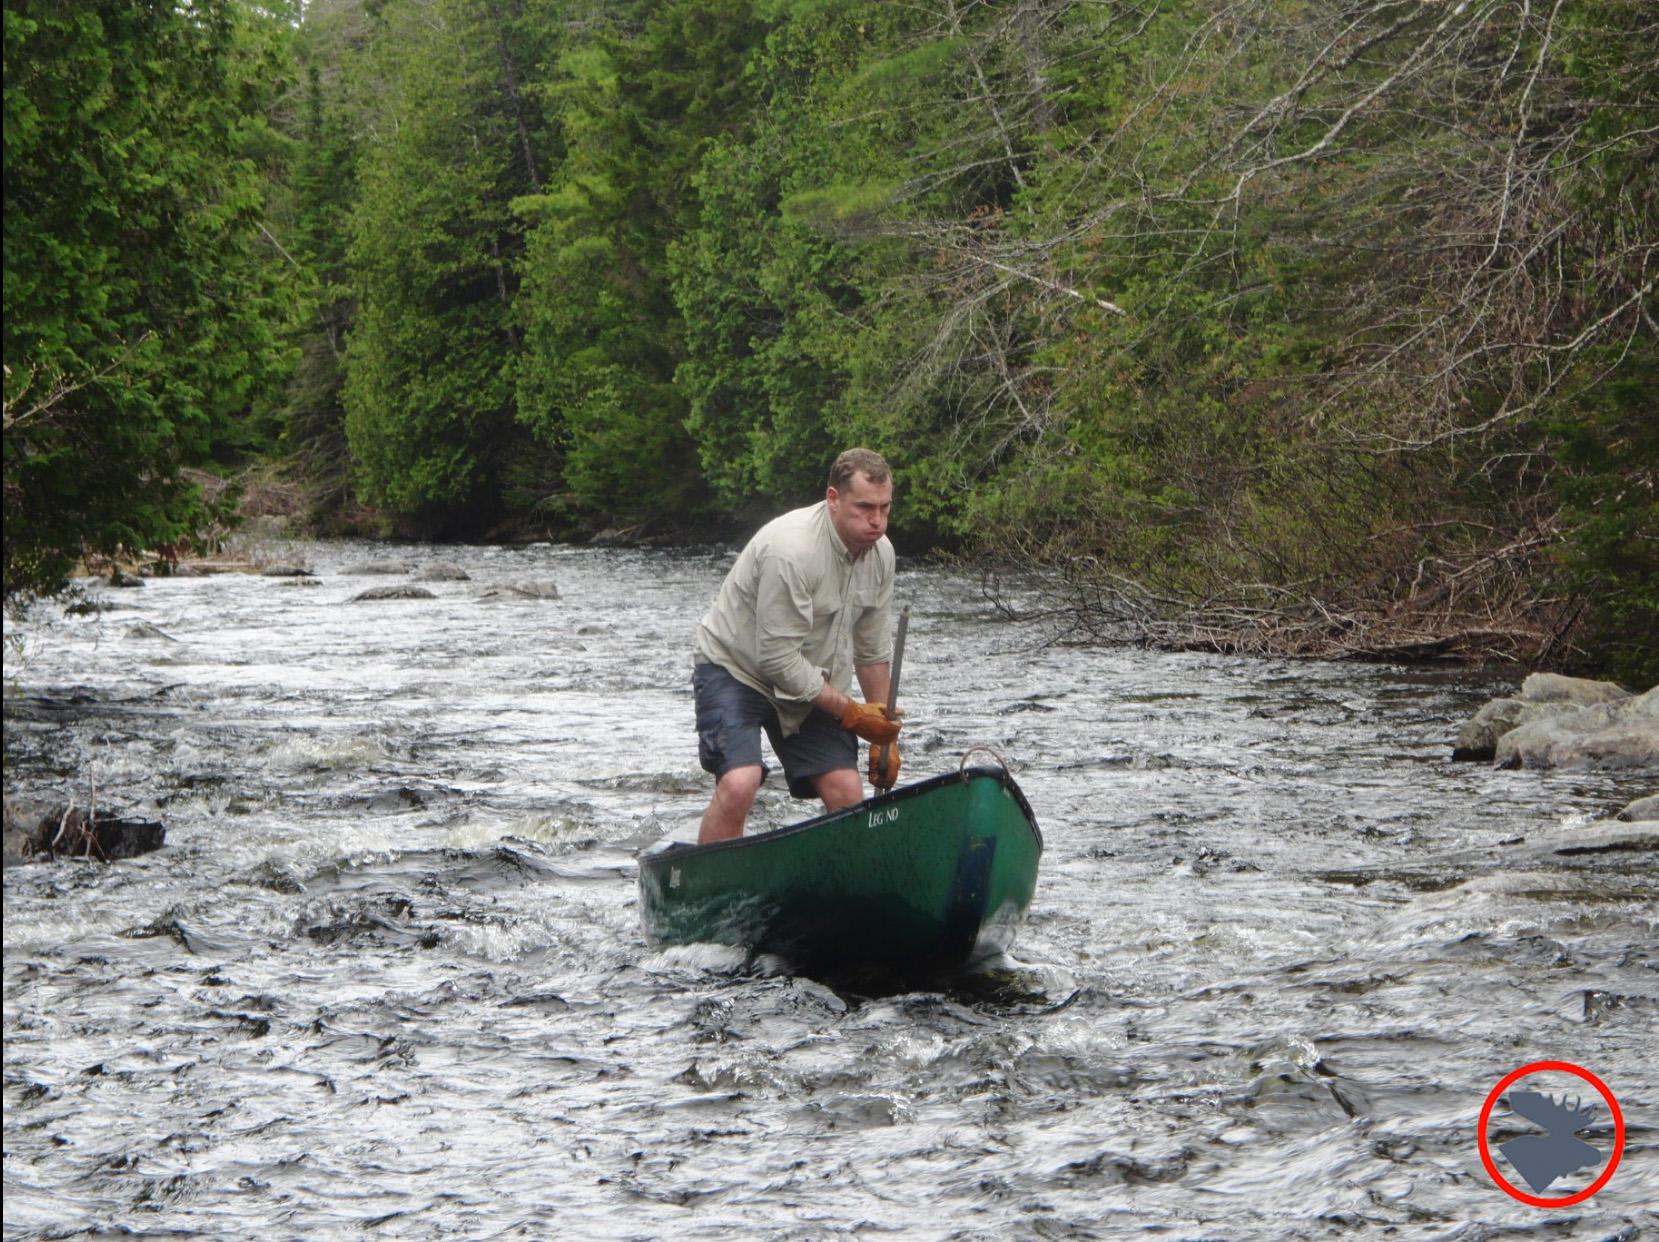 Canoe Poling Upriver | Bull Moose Patrol